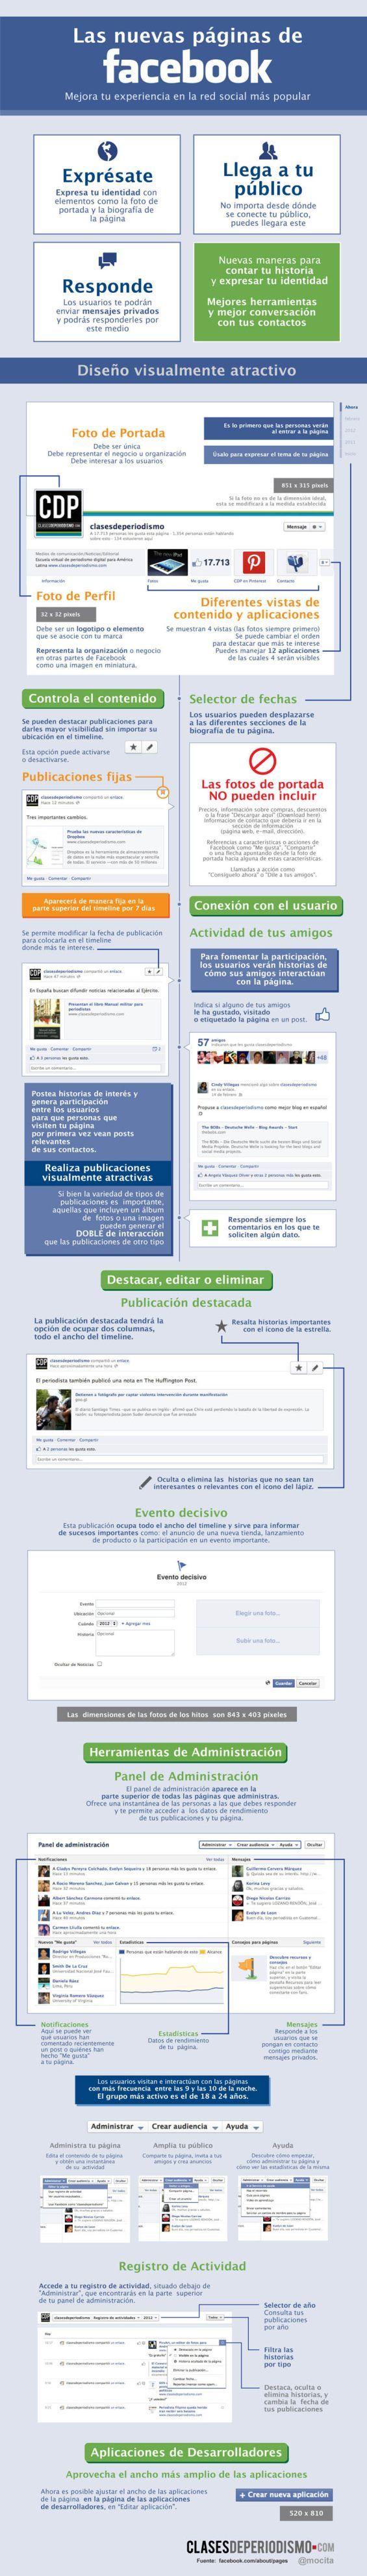 Todo lo que debes saber sobre las nuevas páginas de Facebook